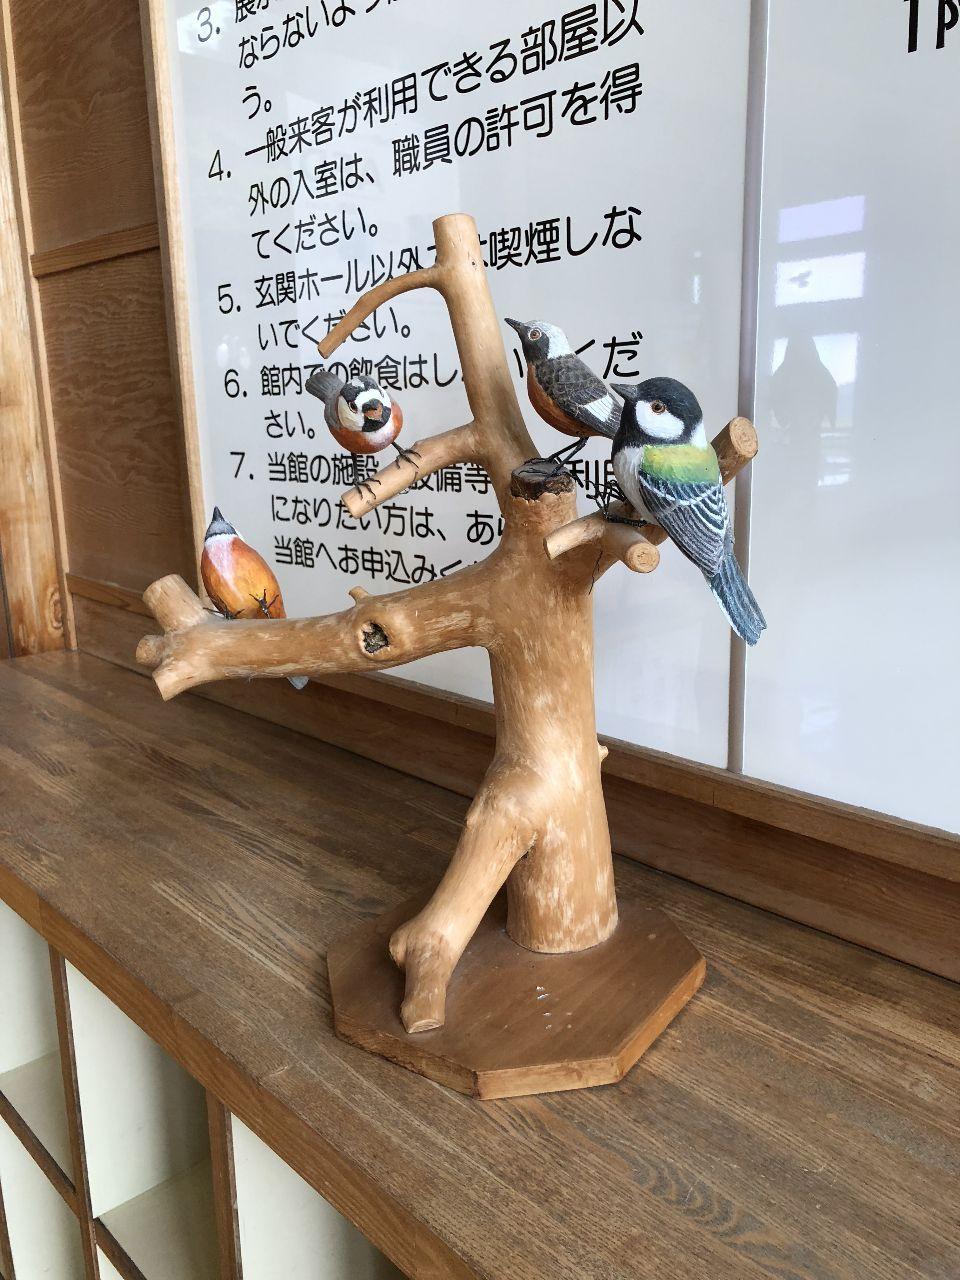 ☆金澤とことこ☆ 管理人が神経痛に耐えているので一席。 奈良に行く前日に高速のパーキングで余震に遭いました。震度3でし